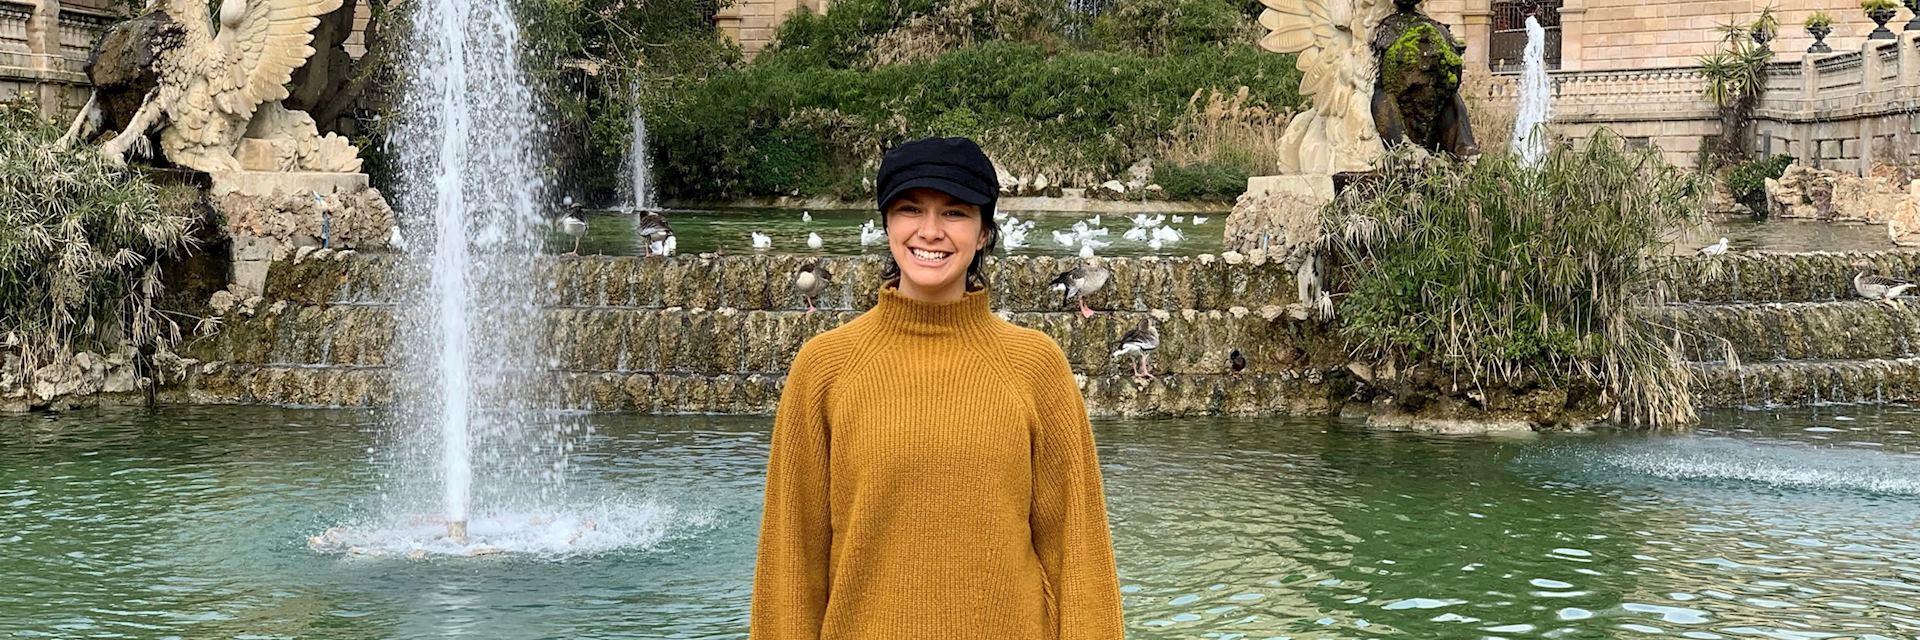 Samantha in Ciutadella Park, Barcelona